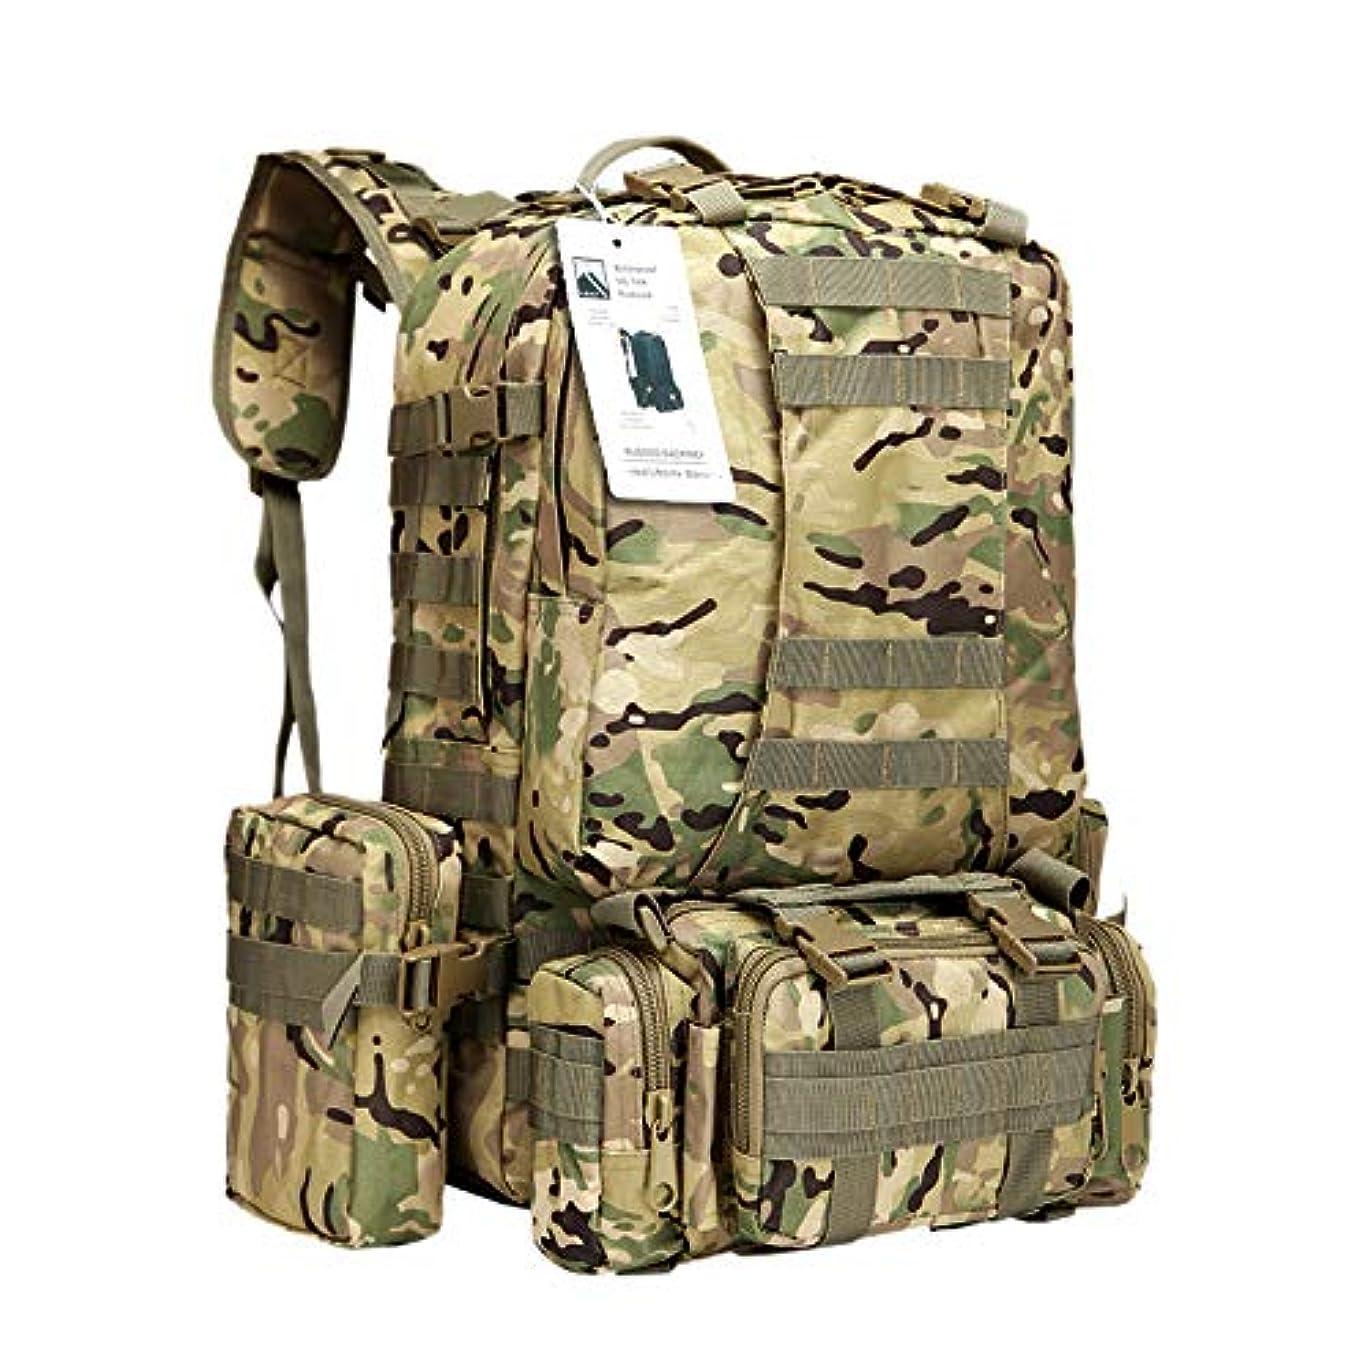 競争お勧め眠っているSummits Point 50L 4P アウトドア タクティカル バックパック - ミリタリー アーミー トレッキング キャンプ ハイキング ブラック リュックサック 男女兼用